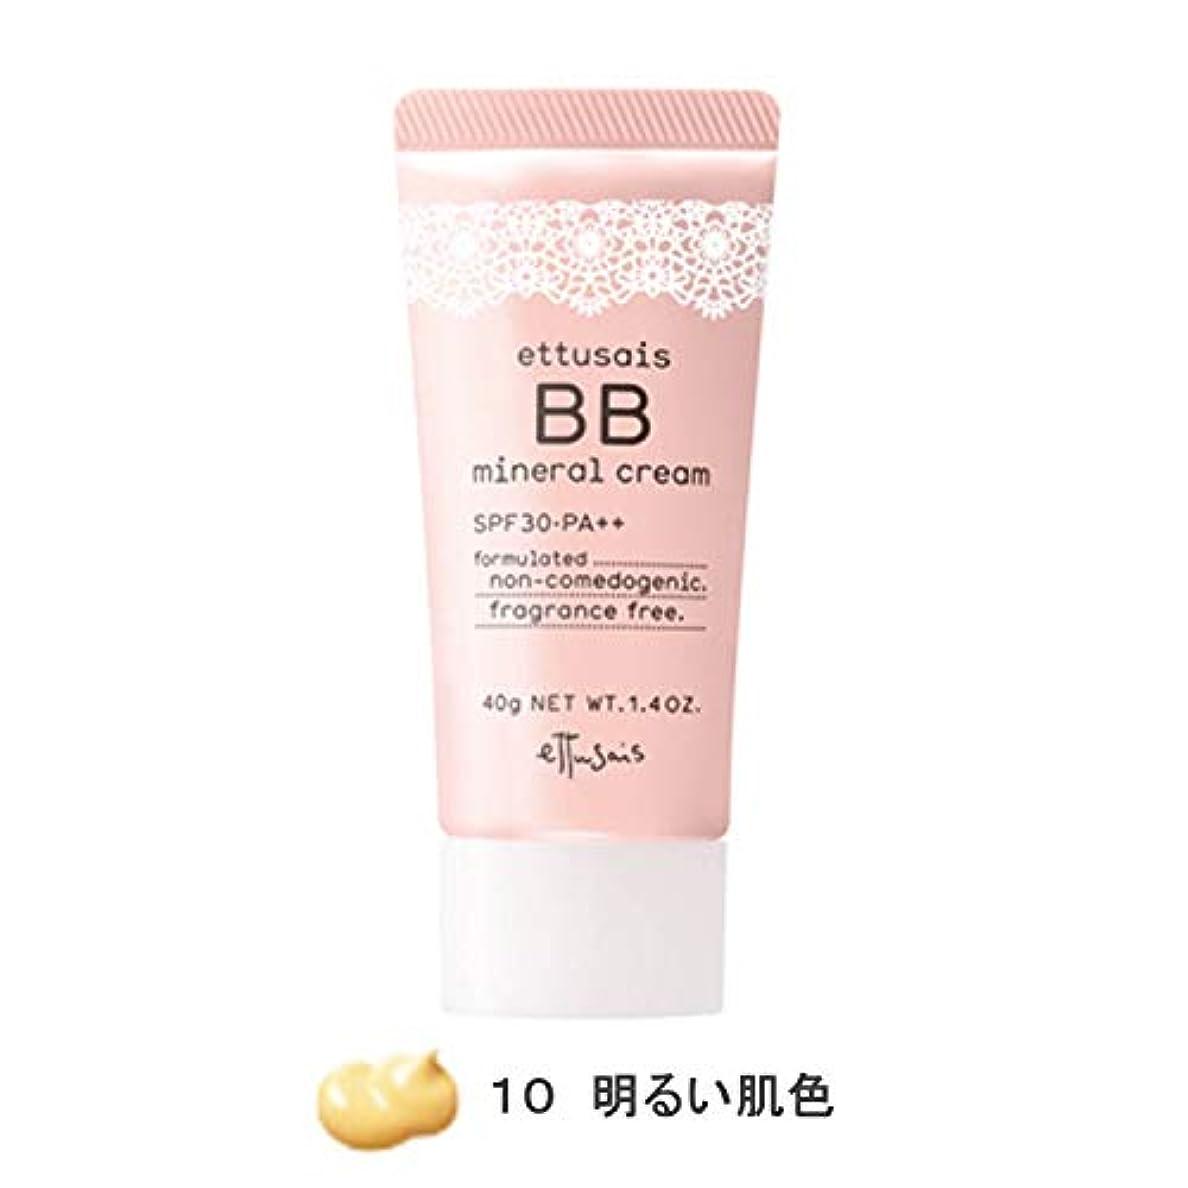 同化するうめきカジュアルエテュセ BBミネラルクリーム 10(明るい肌色) SPF30・PA++ 40g